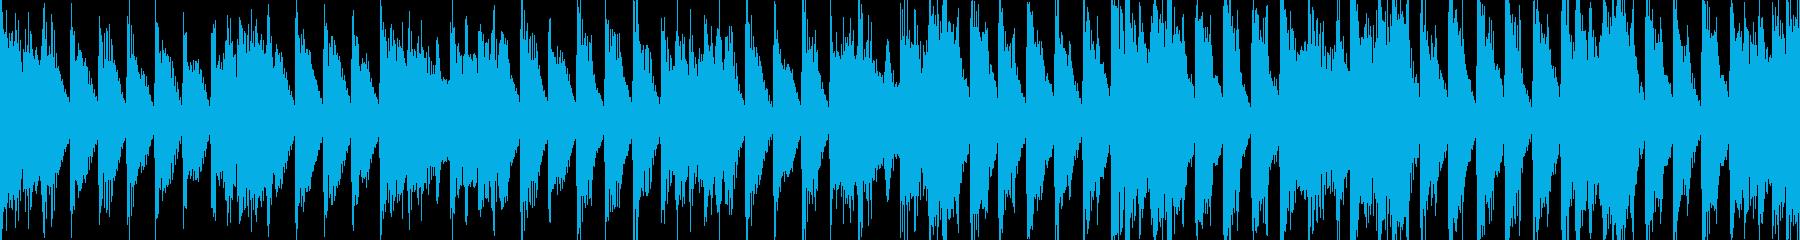 クールでスタイリッシュなサウンドの再生済みの波形